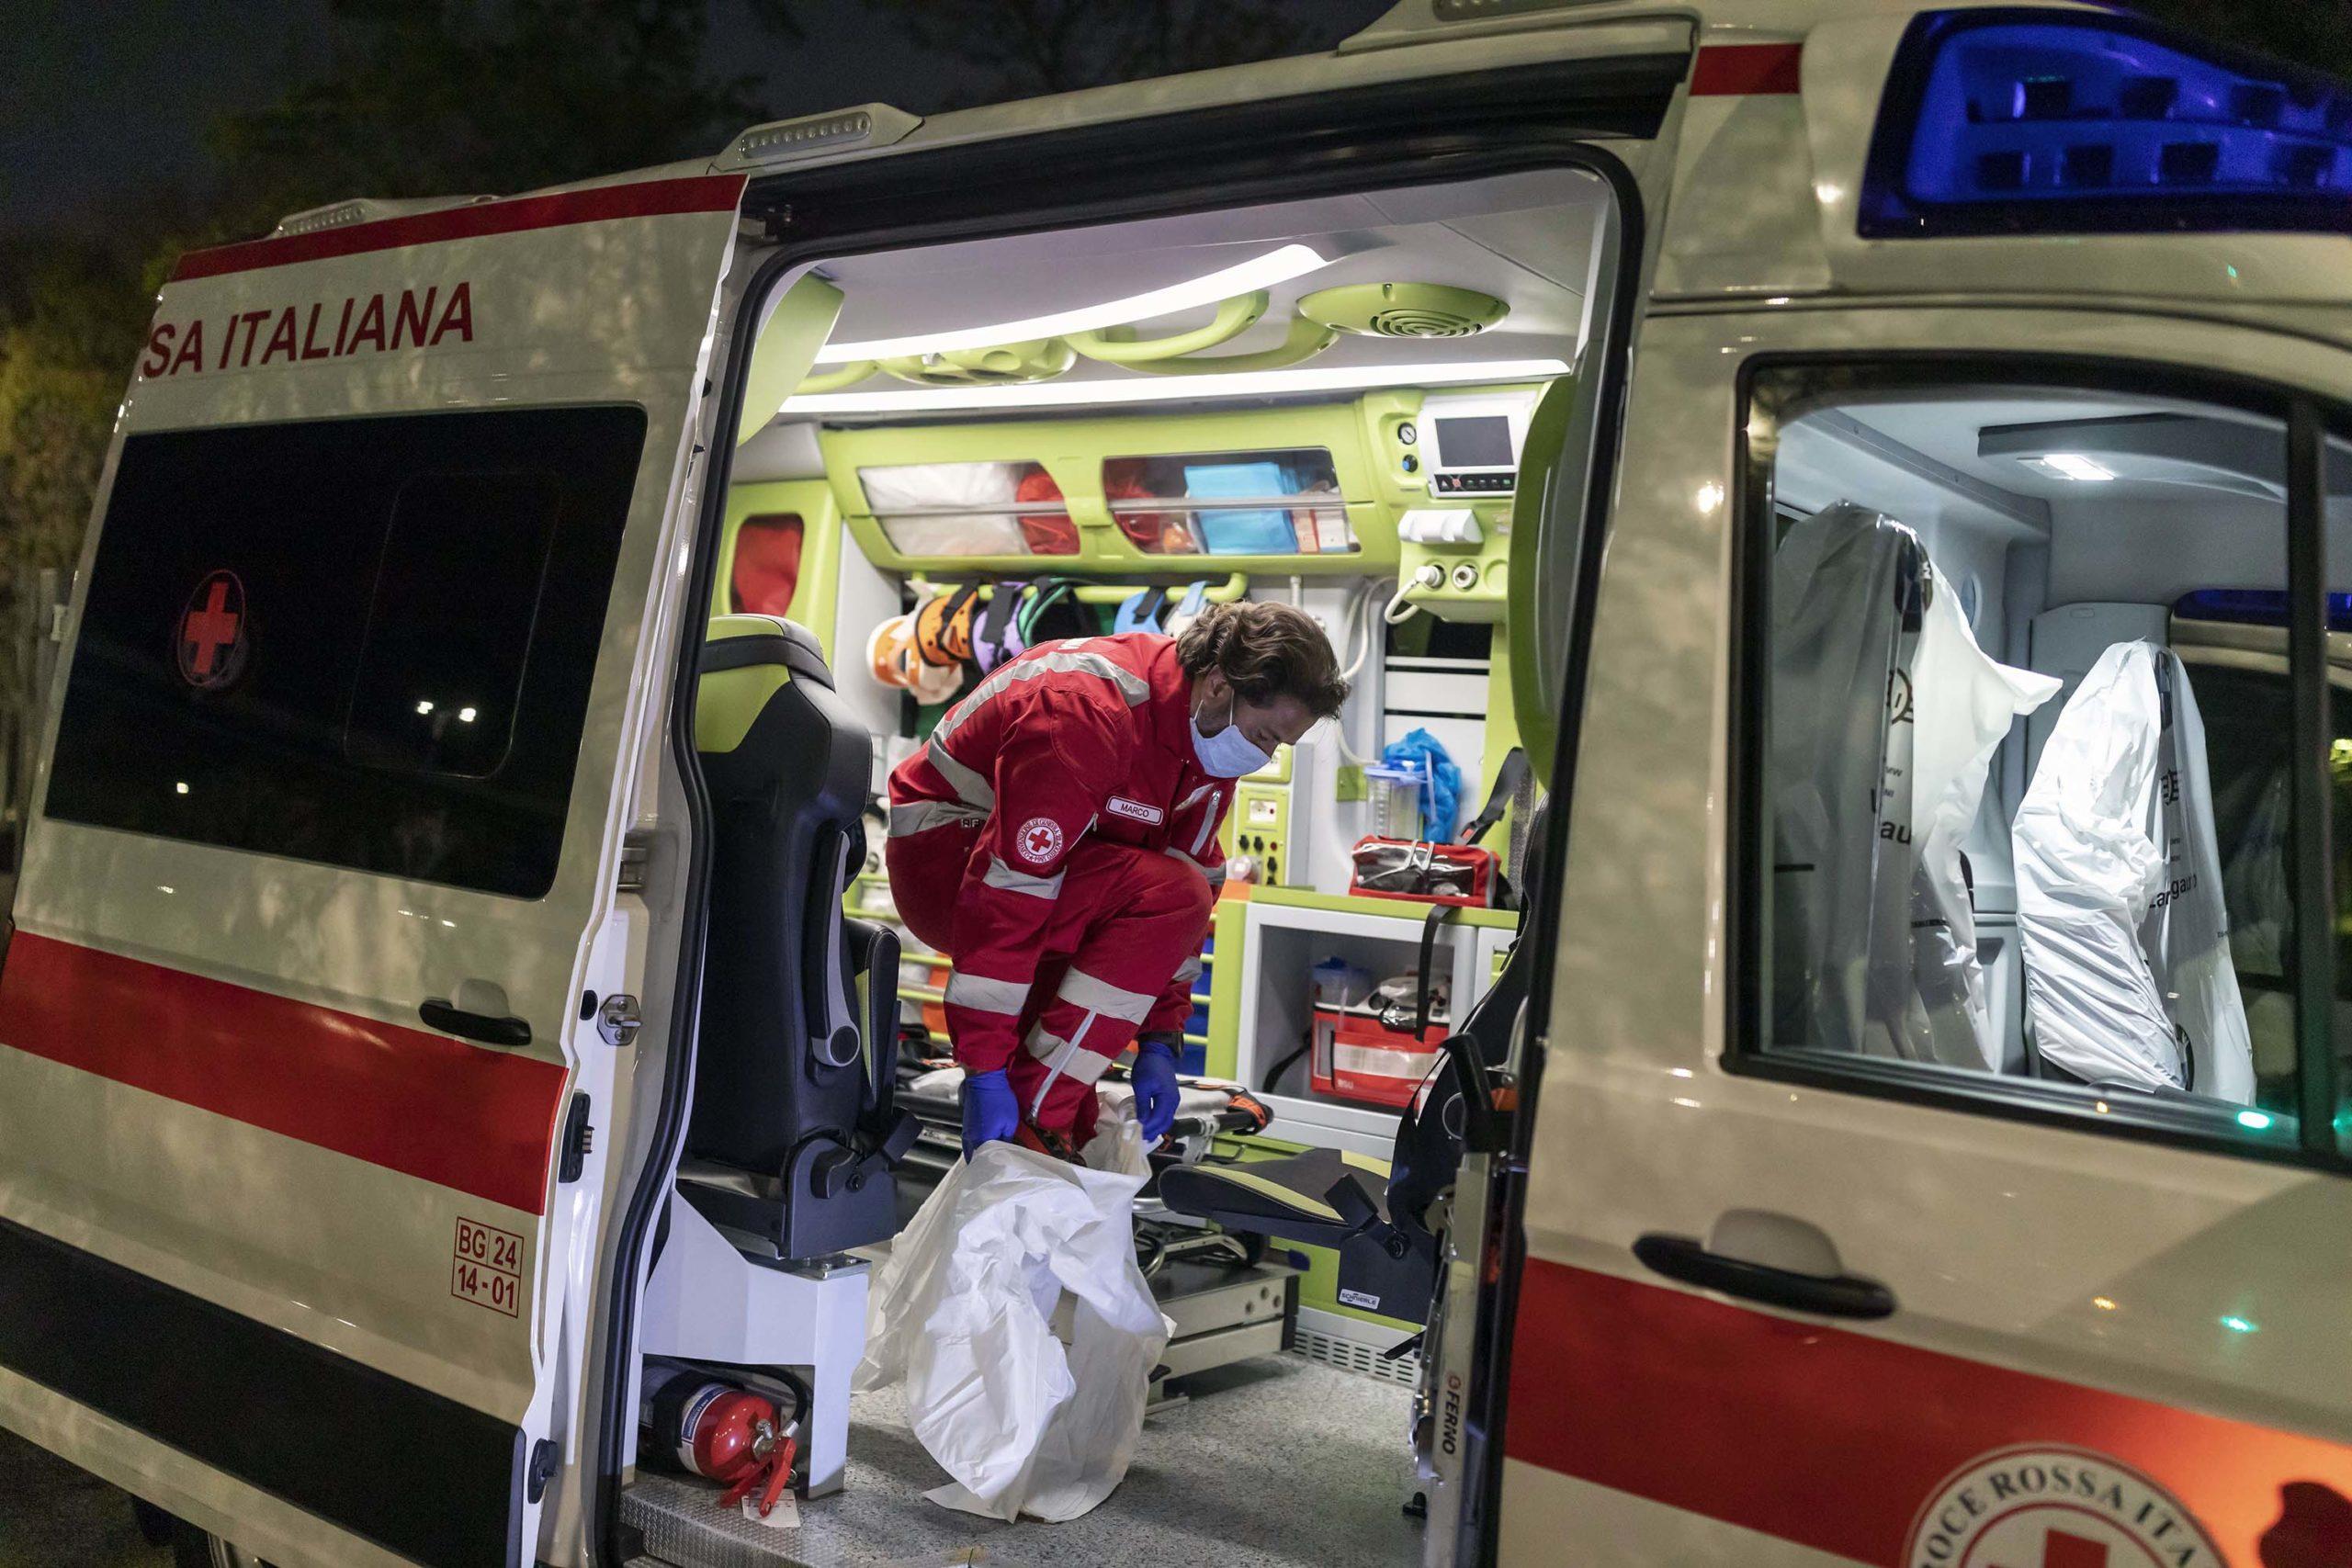 Lombardia gati të lehtësojë masat, ministri i Shëndetësisë: Beteja nuk është fituar ende